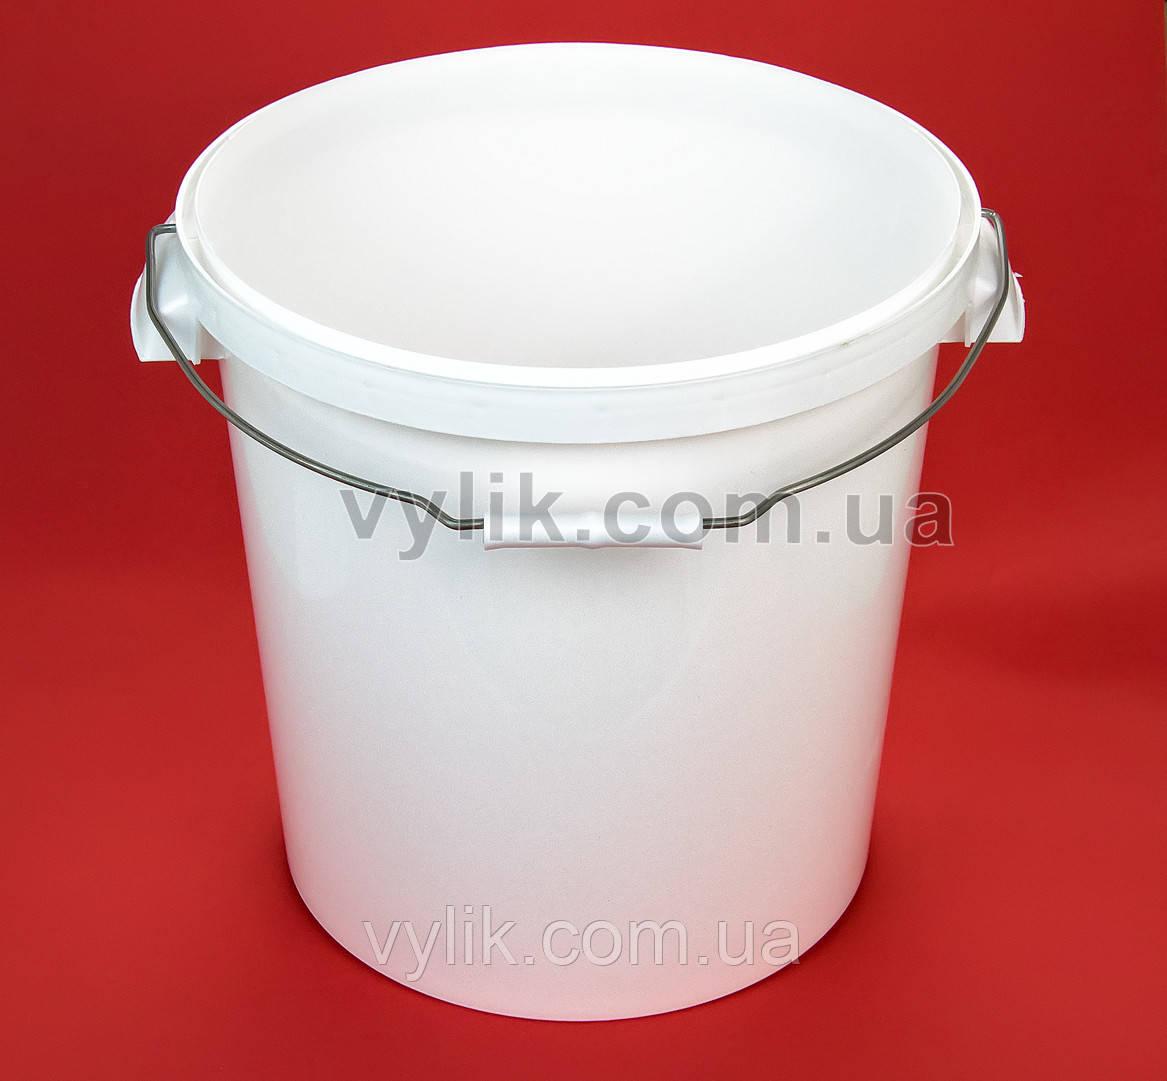 Ведро пластиковое пищевое 20 л